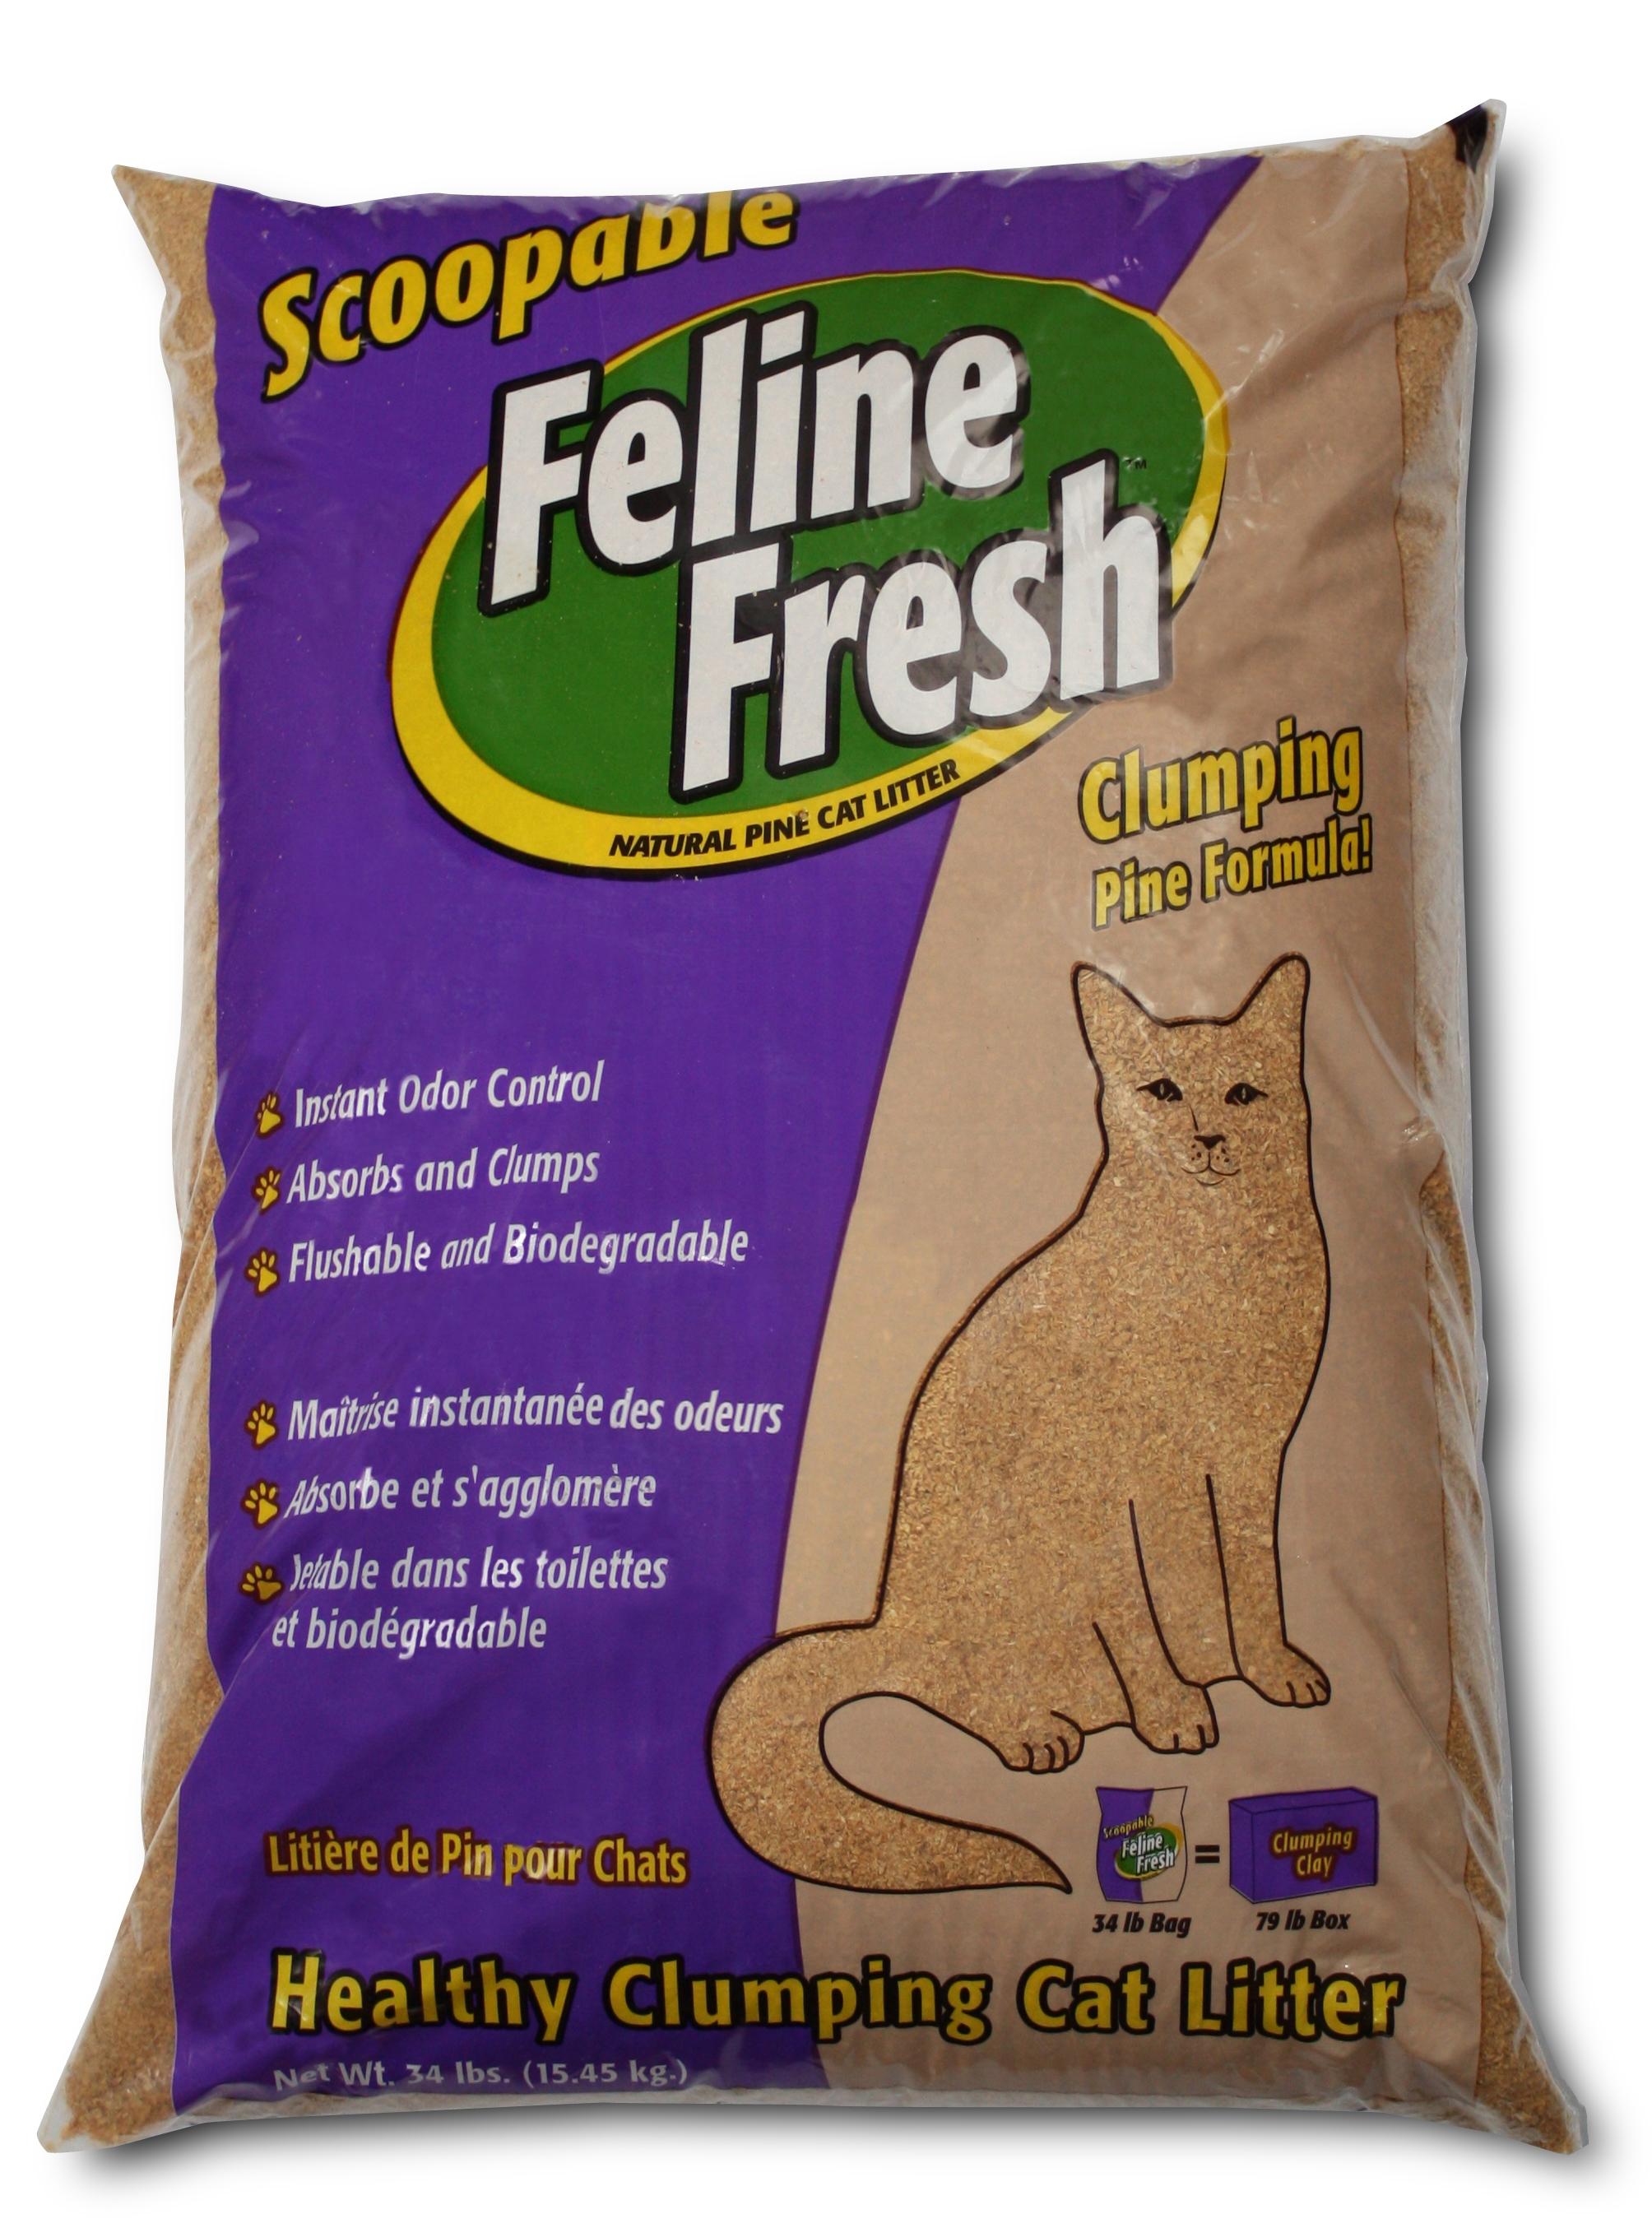 Feline Fresh Clumping Pine Cat Litter, 34-lb